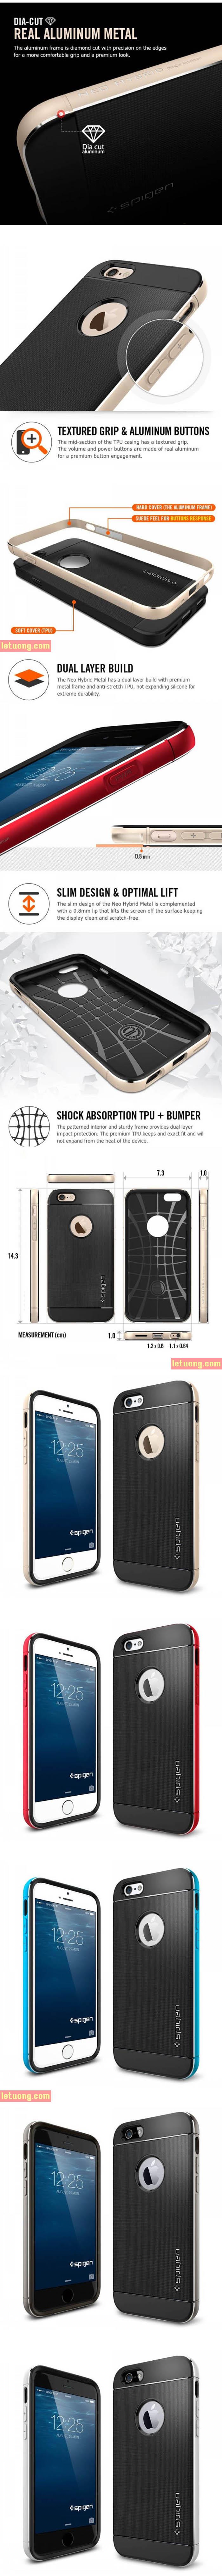 Ốp lưng Iphone 6 Plus/6S Plus Spigen Neo Hybrid Metal từ USA 4